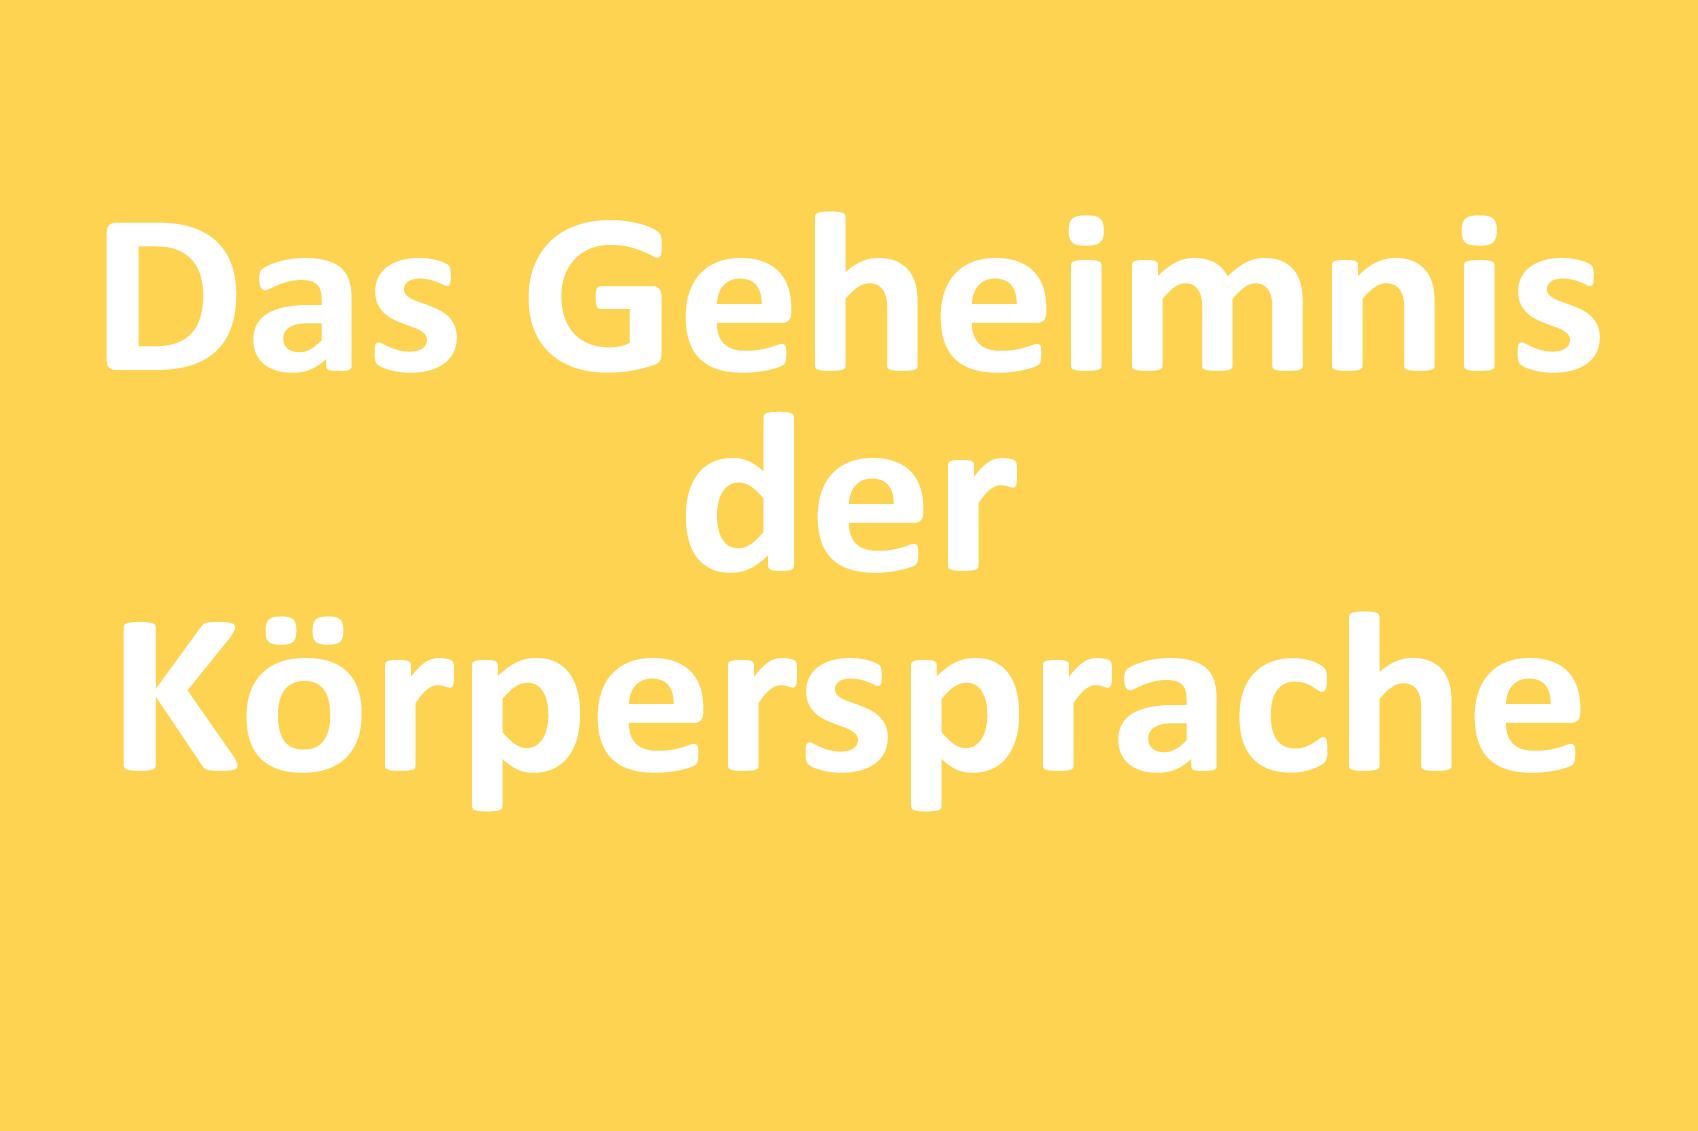 Uebersicht_Seminare_Das_Geheimnis_der_Körpersprache_web